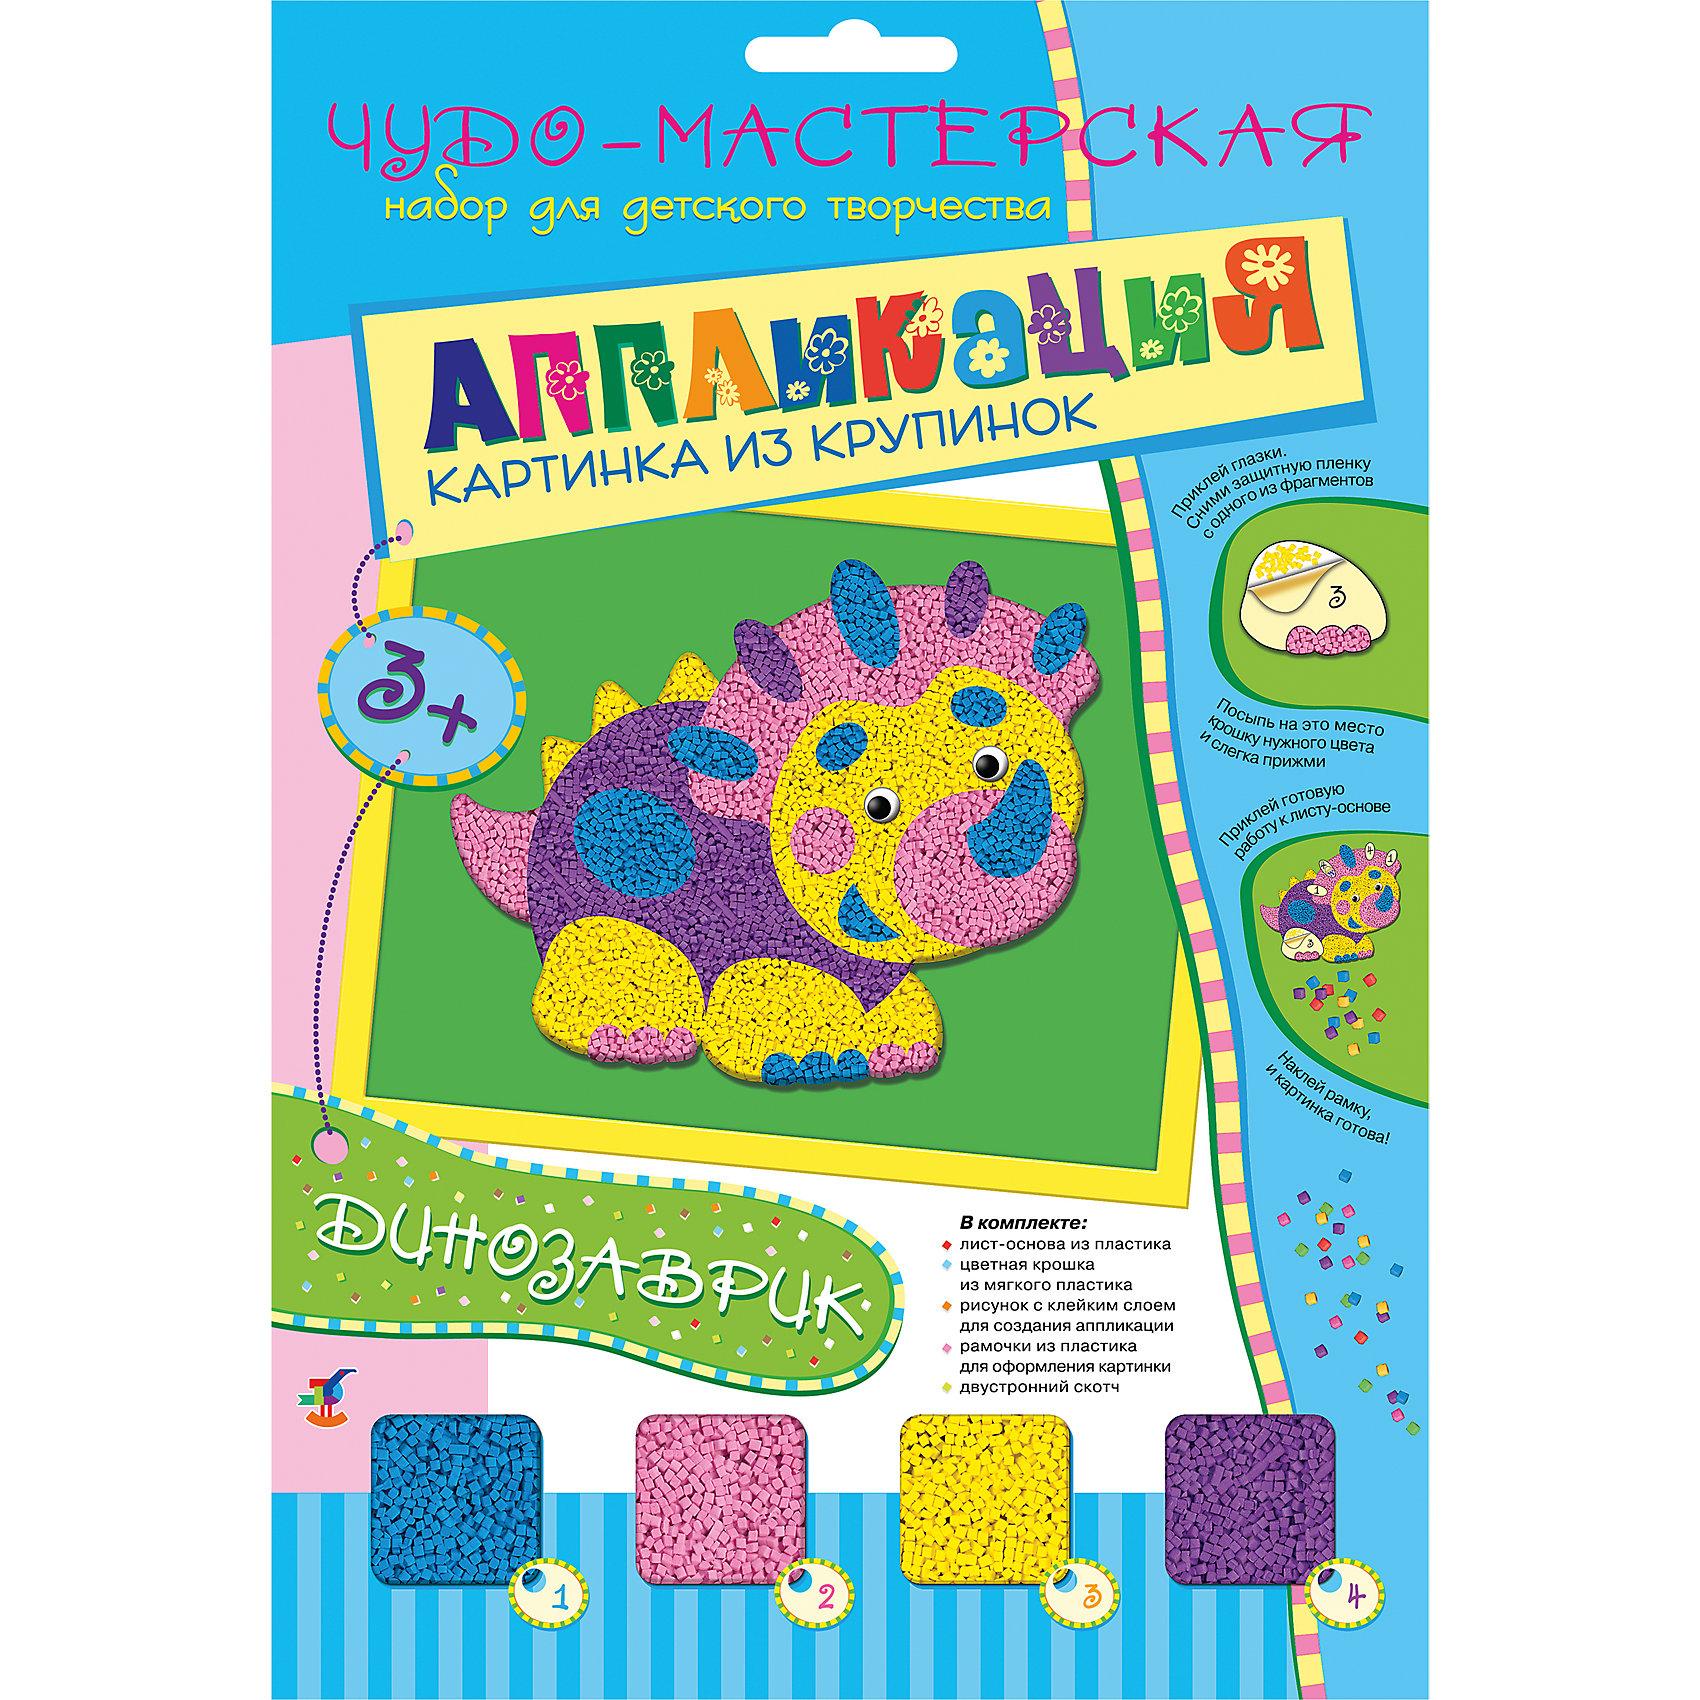 Аппликация из крупинок ДинозаврикАппликация из крупинок Динозаврик - увлекательный набор для детского творчества, который позволит Вашему ребенку создать свои первые маленькие шедевры. Процесс создания картинки прост и не представляет сложности для ребенка: рисунок с клейким слоем размечен на пронумерованные фрагменты (каждый номер соответствует определённому цвету крупинок), нужно только аккуратно высыпать на них цветные крупинки нужного цвета согласно схеме. Цветная крошка из вспененного синтетического материала сделает изображение объёмным. Готовый рисунок приклейте к листу-основе. У Вас получится чудесная картинка с изображением забавного яркого динозаврика. Оформленная в рамку, она украсит комнату ребенка или станет подарком, сделанным собственными руками для друзей и родных. Набор способствует развитию мелкой моторики рук, внимания, творческих и художественных способностей ребенка.<br><br>Дополнительная информация:<br><br>- В комплекте: лист-основа, 4 пакетика цветной крошки из мягкого пластика, рисунок с клейким слоем для создания аппликации, рамочки для оформления картинки, двусторонний скотч.<br>- Материал: картон, мягкий пластик ЭВА, пластиковые детали.<br>- Размер упаковки: 35 х 24 х 0,5 см.<br>- Вес: 68 гр.<br><br>Аппликацию из крупинок Динозаврик, Дрофа Медиа, можно купить в нашем интернет-магазине.<br><br>Ширина мм: 350<br>Глубина мм: 240<br>Высота мм: 8<br>Вес г: 85<br>Возраст от месяцев: 36<br>Возраст до месяцев: 2147483647<br>Пол: Унисекс<br>Возраст: Детский<br>SKU: 4561799